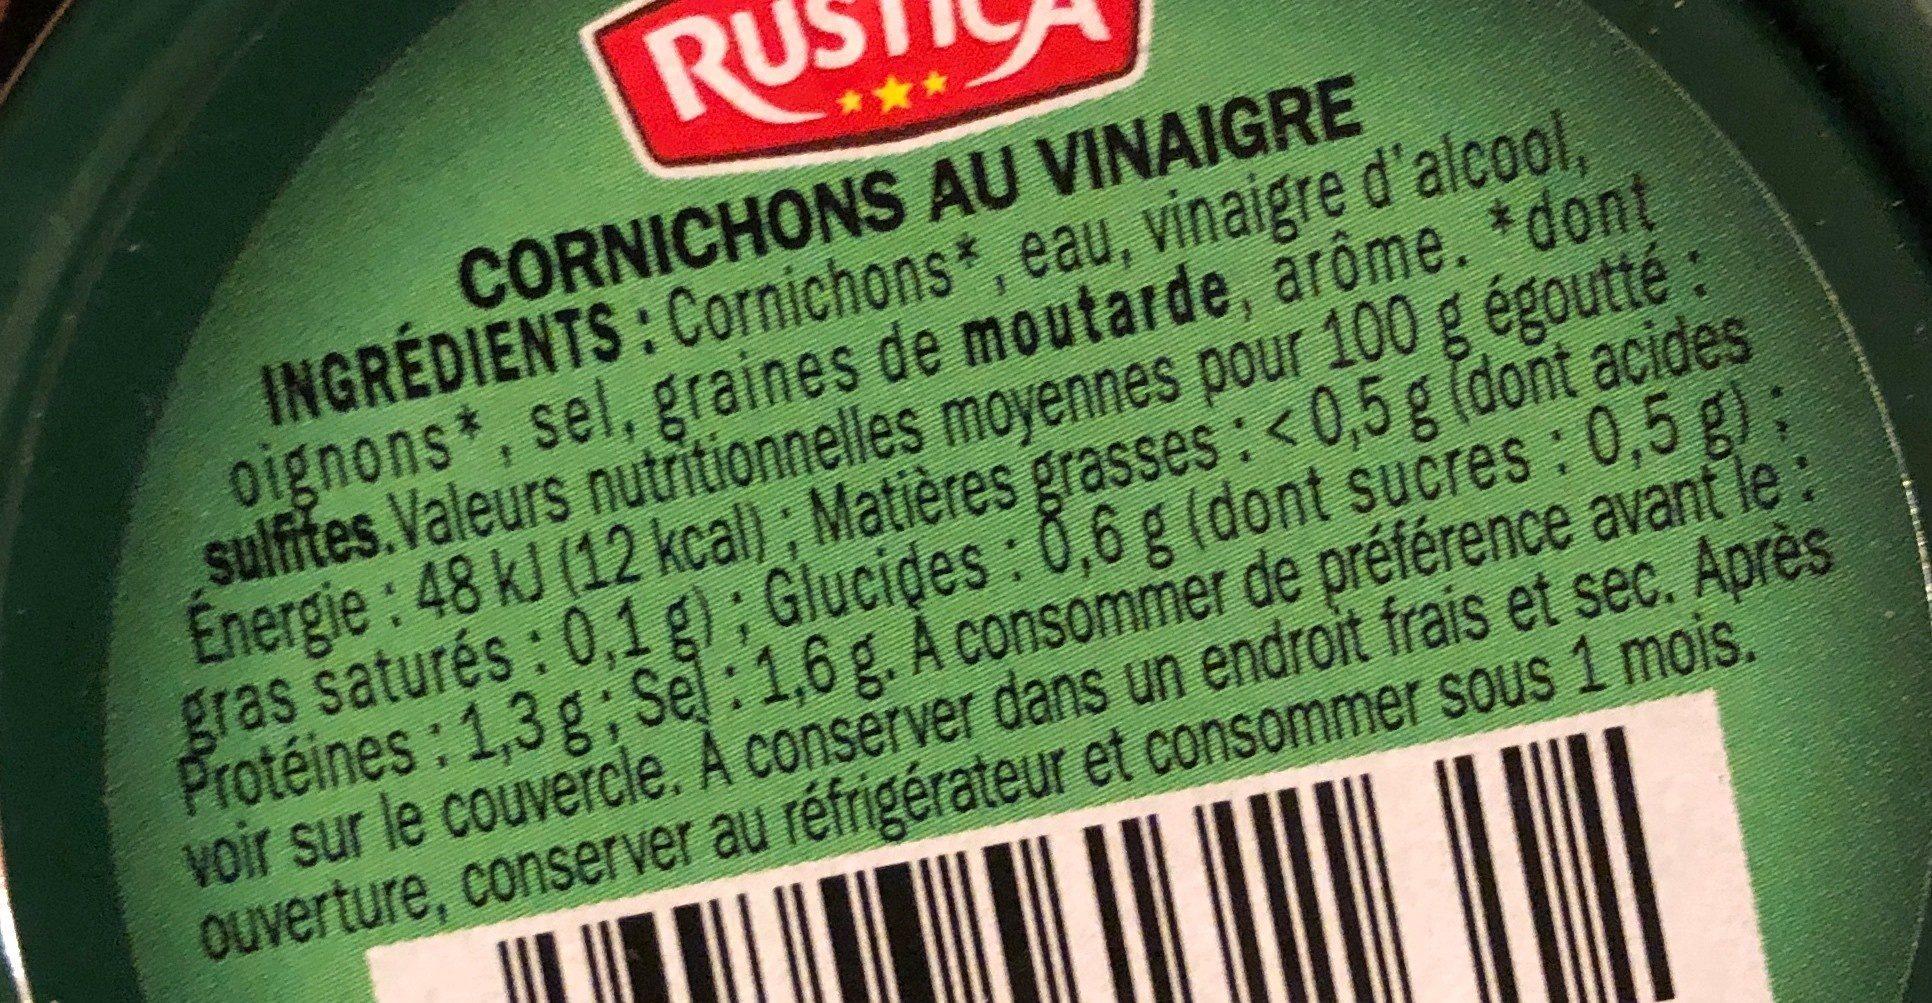 Cornichons - verre decoré - Ingrédients - fr